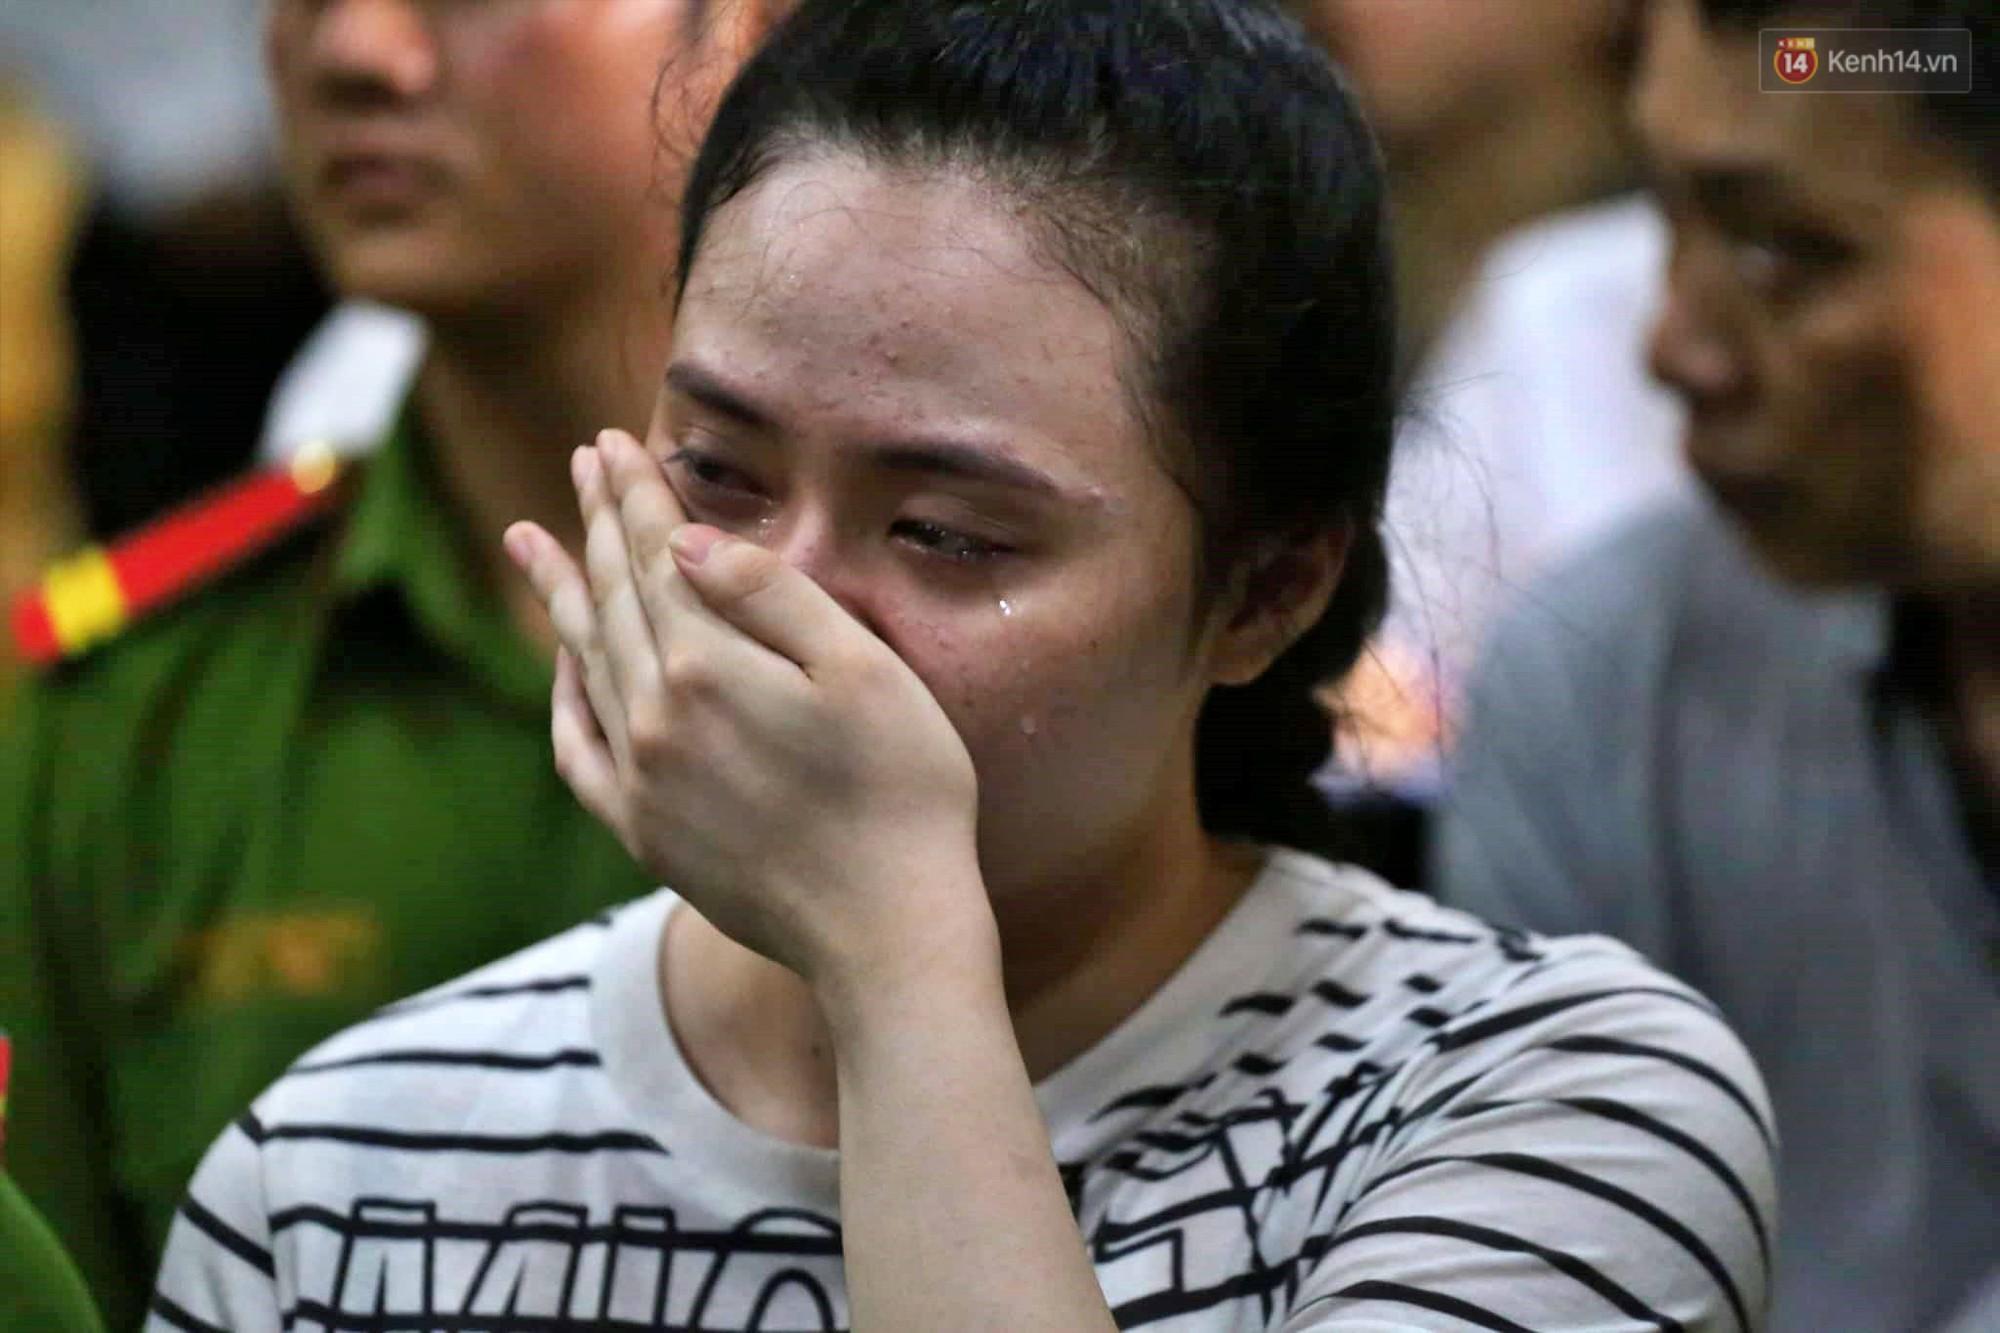 Bố Văn Kính Dương chia sẻ sau 5 ngày xét xử: Tôi từng khuyên con trai nhưng nó bảo nhiều việc nên chưa ra đầu thú-3